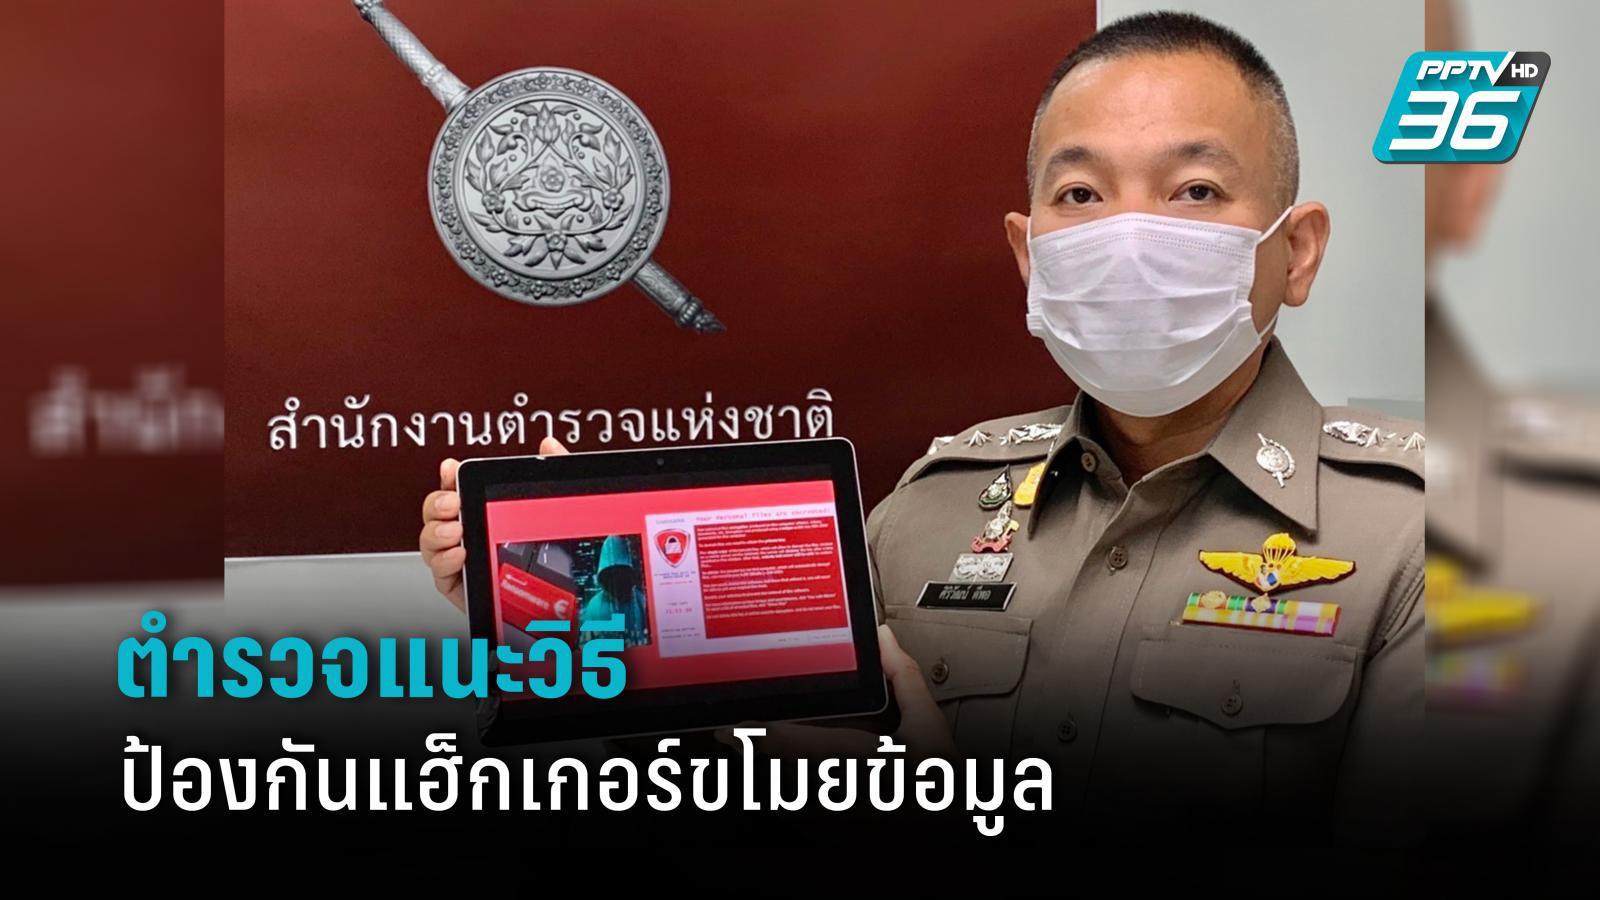 ตำรวจแนะ 12 วิธีป้องกันข้อมูลองค์กร ถูกแฮก และโจมตีเรียกค่าไถ่